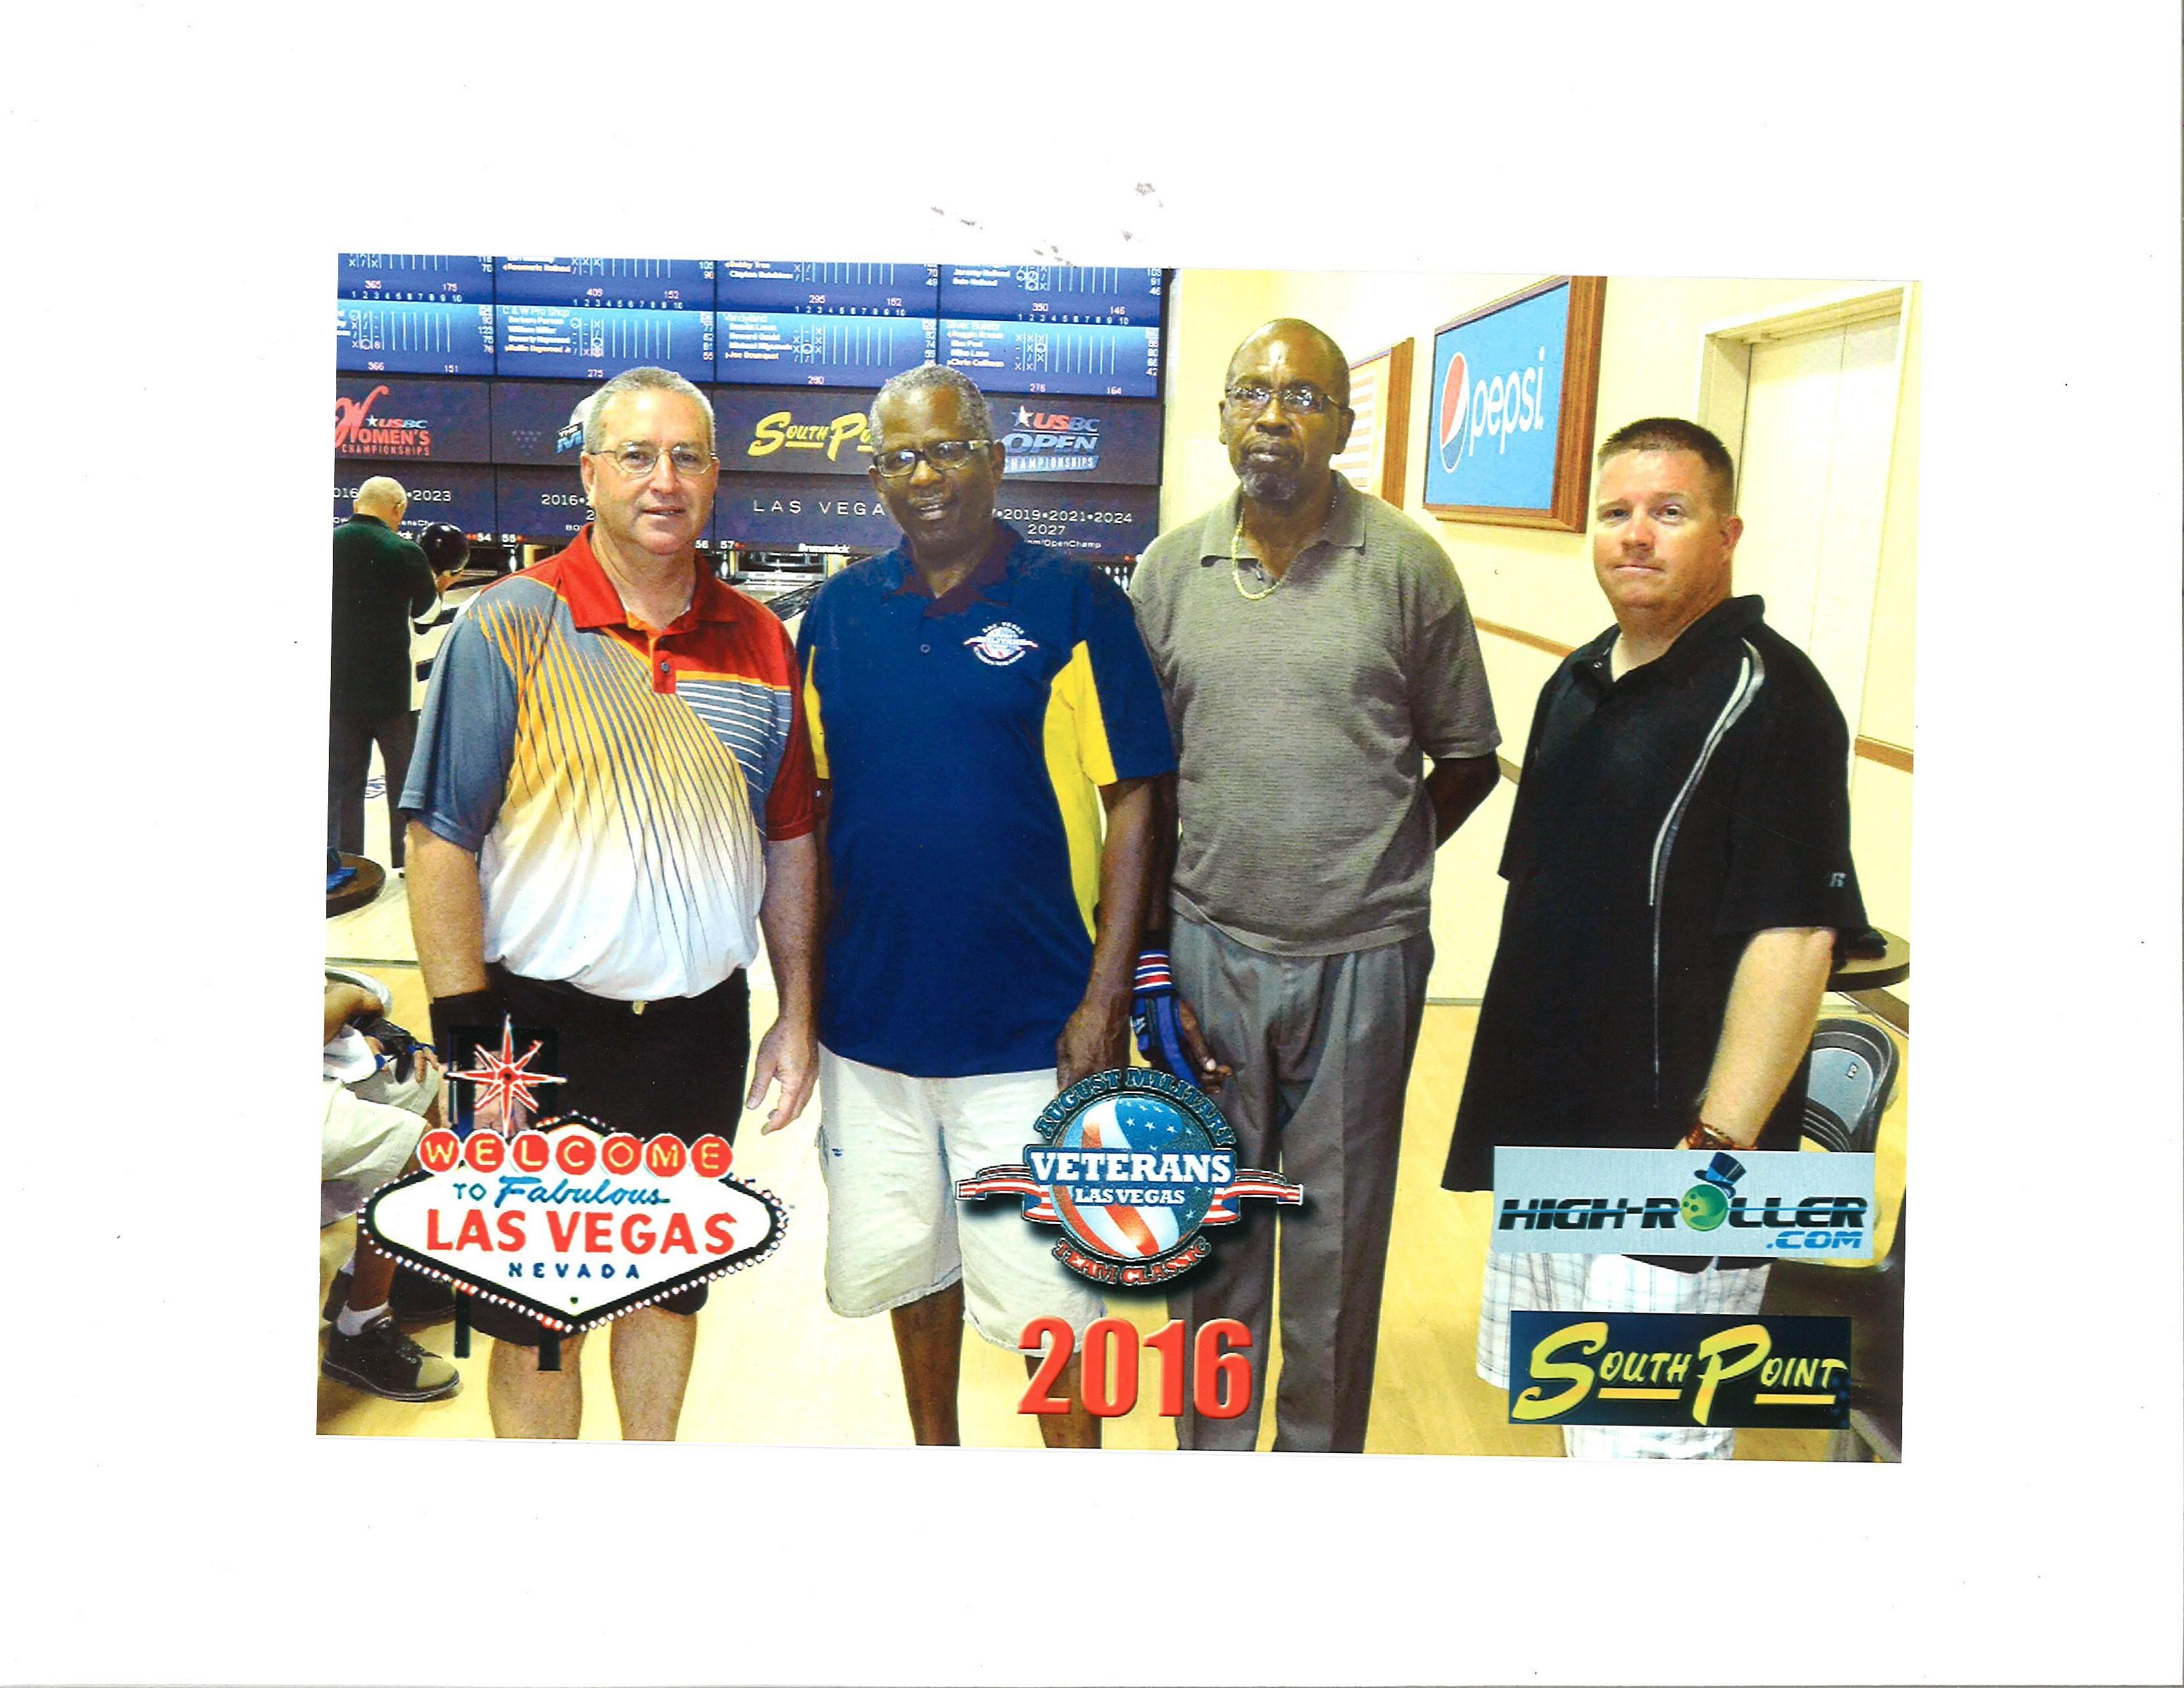 Mike Lane, Reggie Brown, Kim Paul & Chris Coffman - Silver Bullets $10,000 Team Champs!